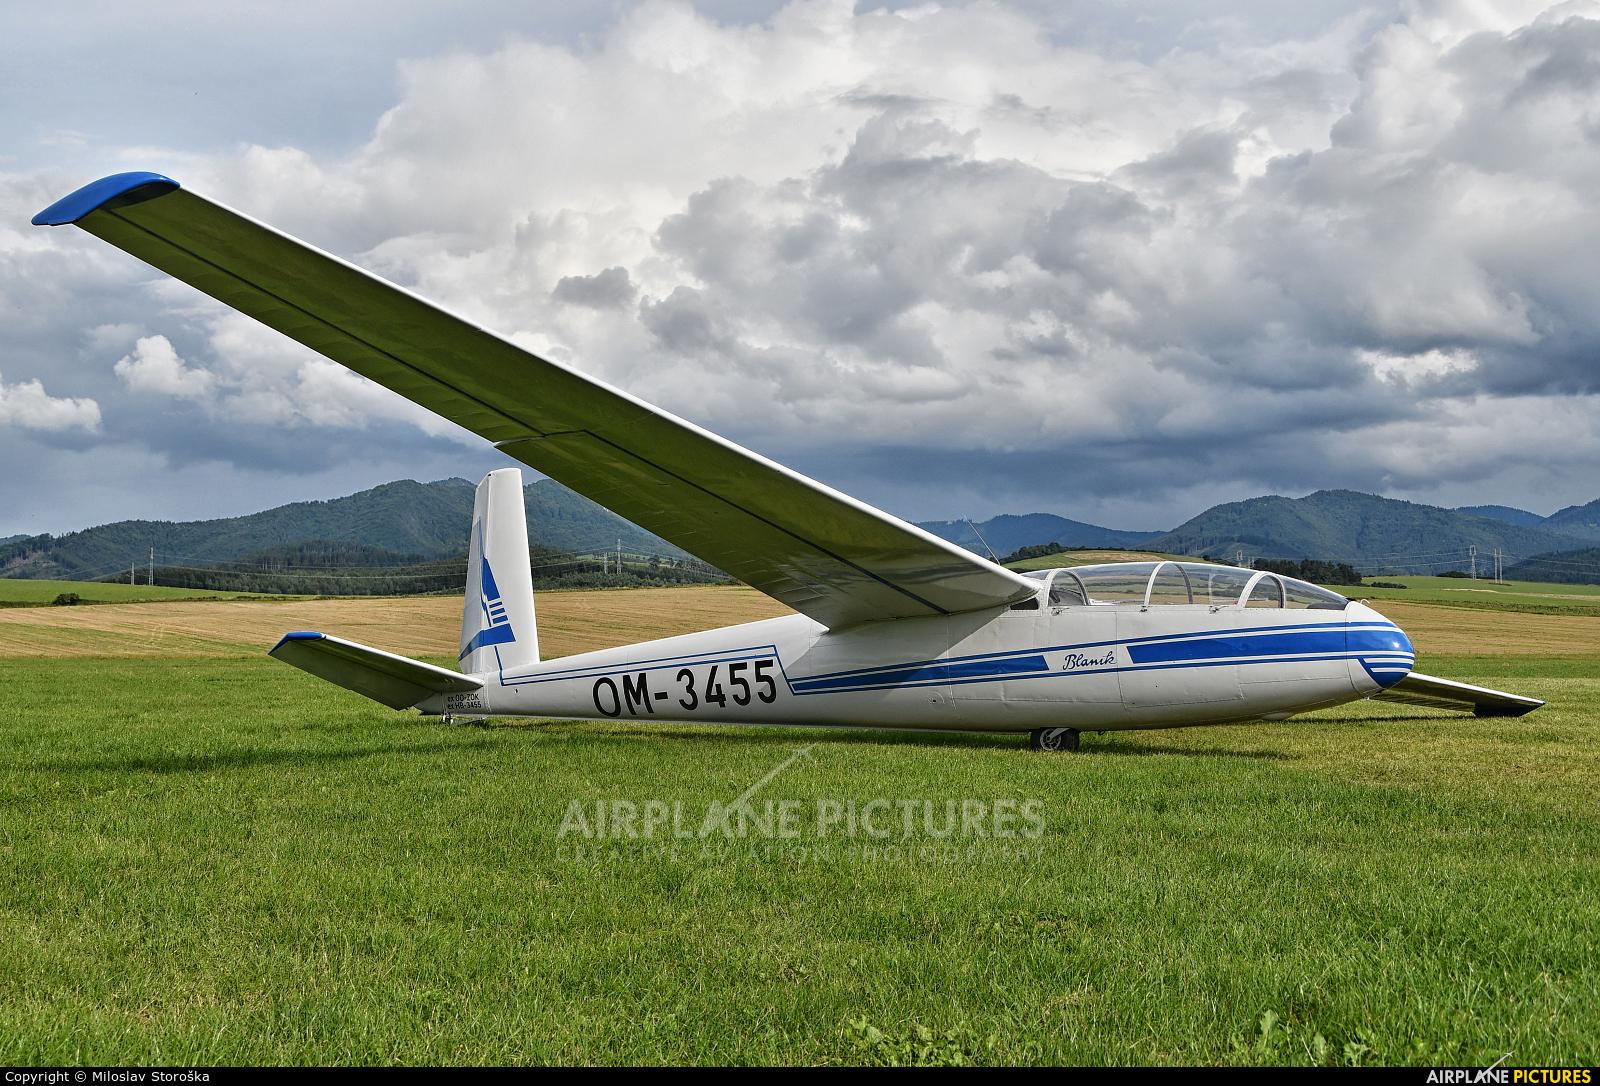 Aeroklub Martin OM-3455 aircraft at Martin-Tomčany